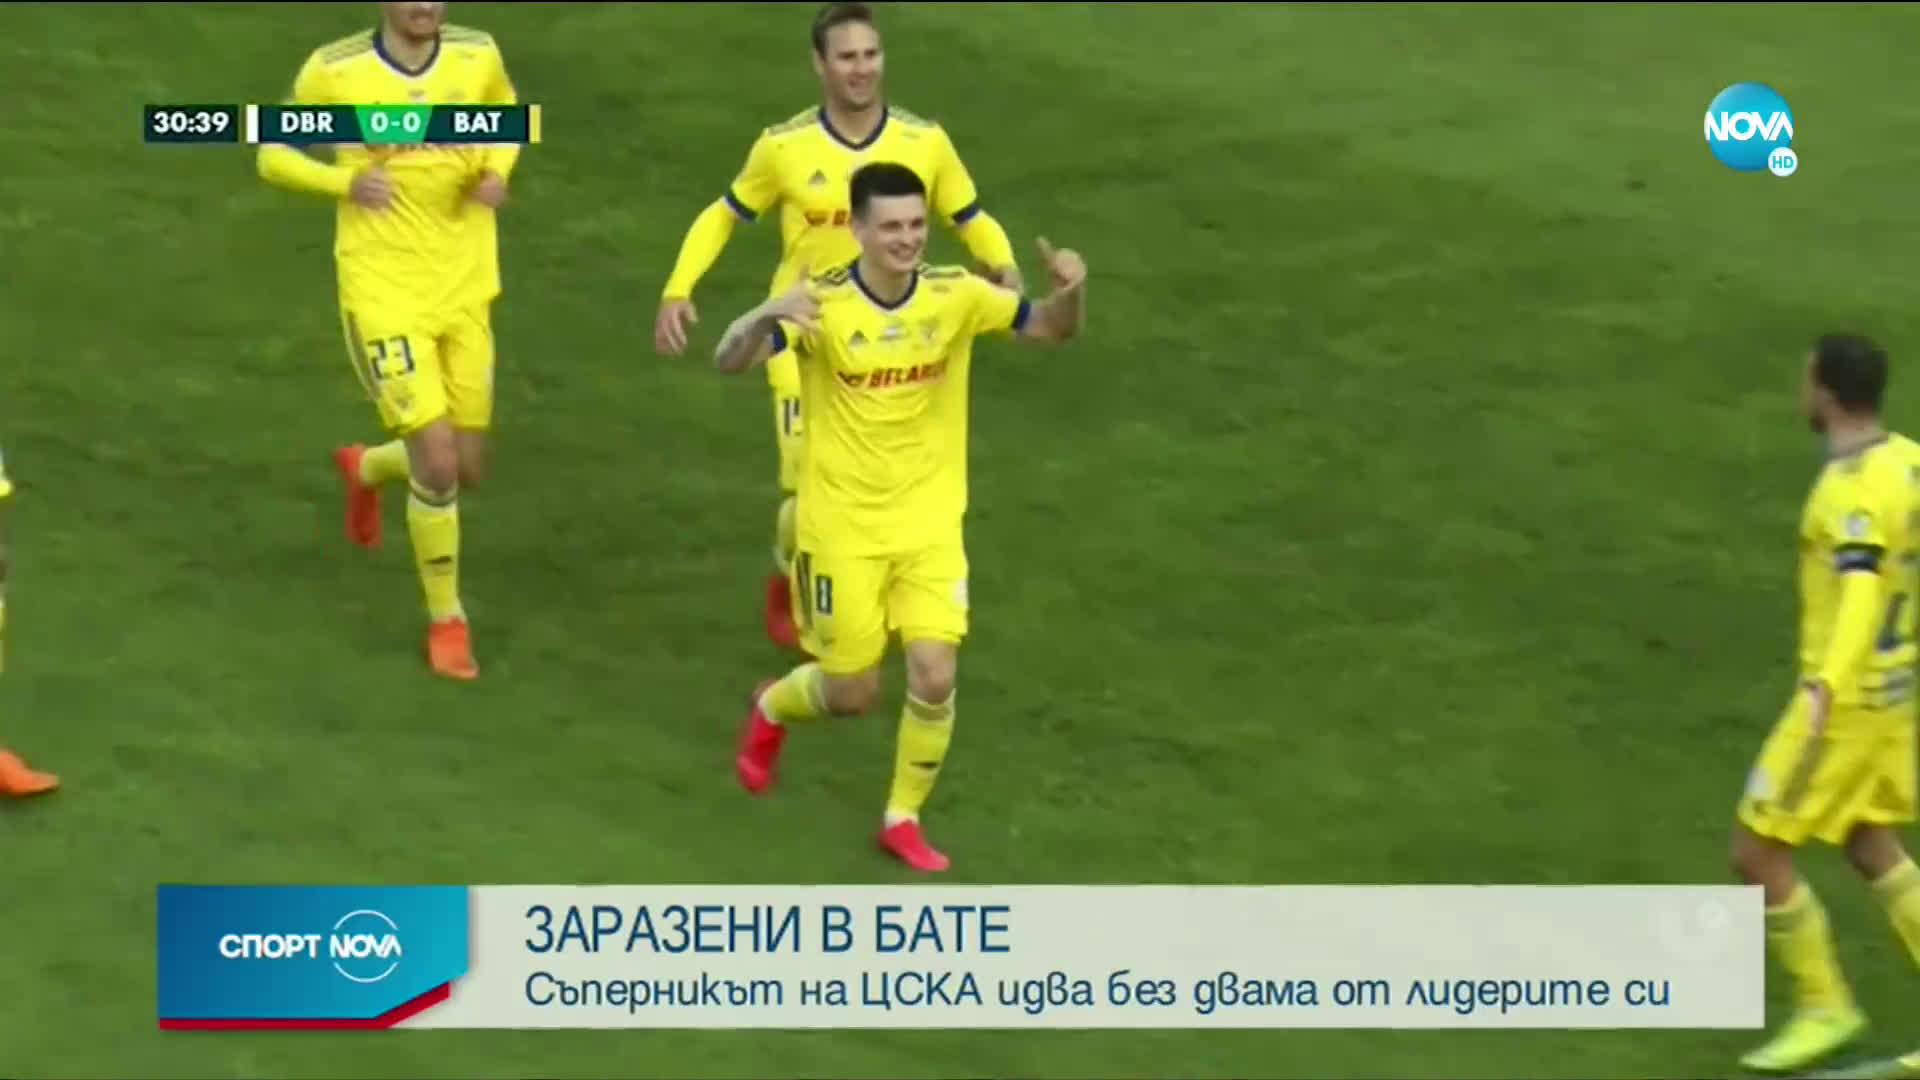 Спортни новини (15.09.2020 - централна емисия)